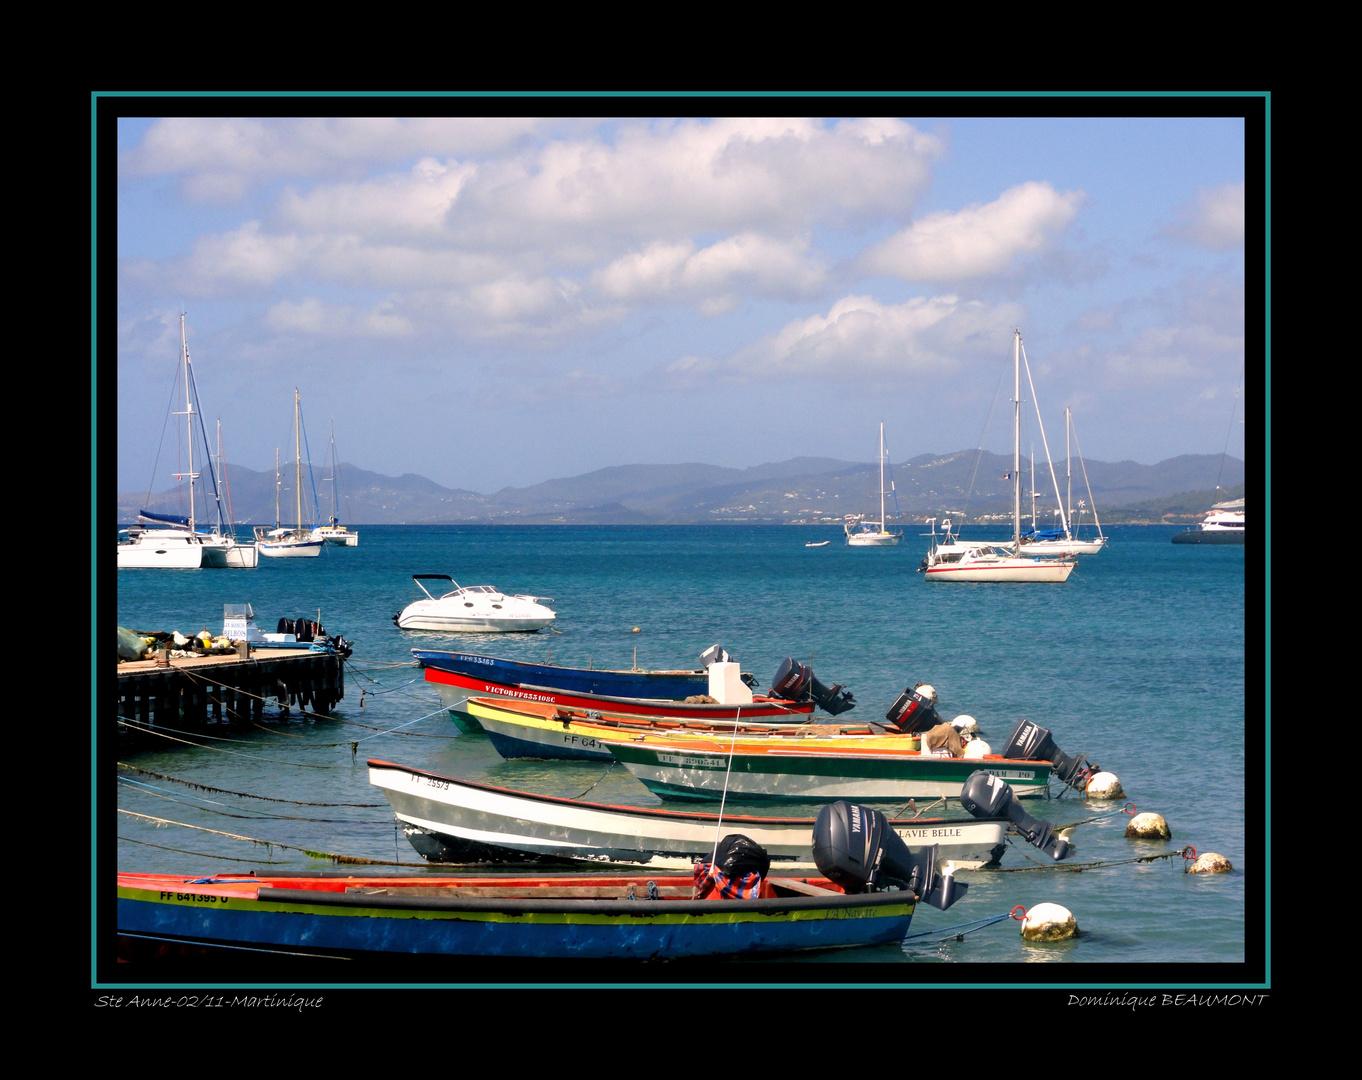 à Ste Anne - Février - Martinique